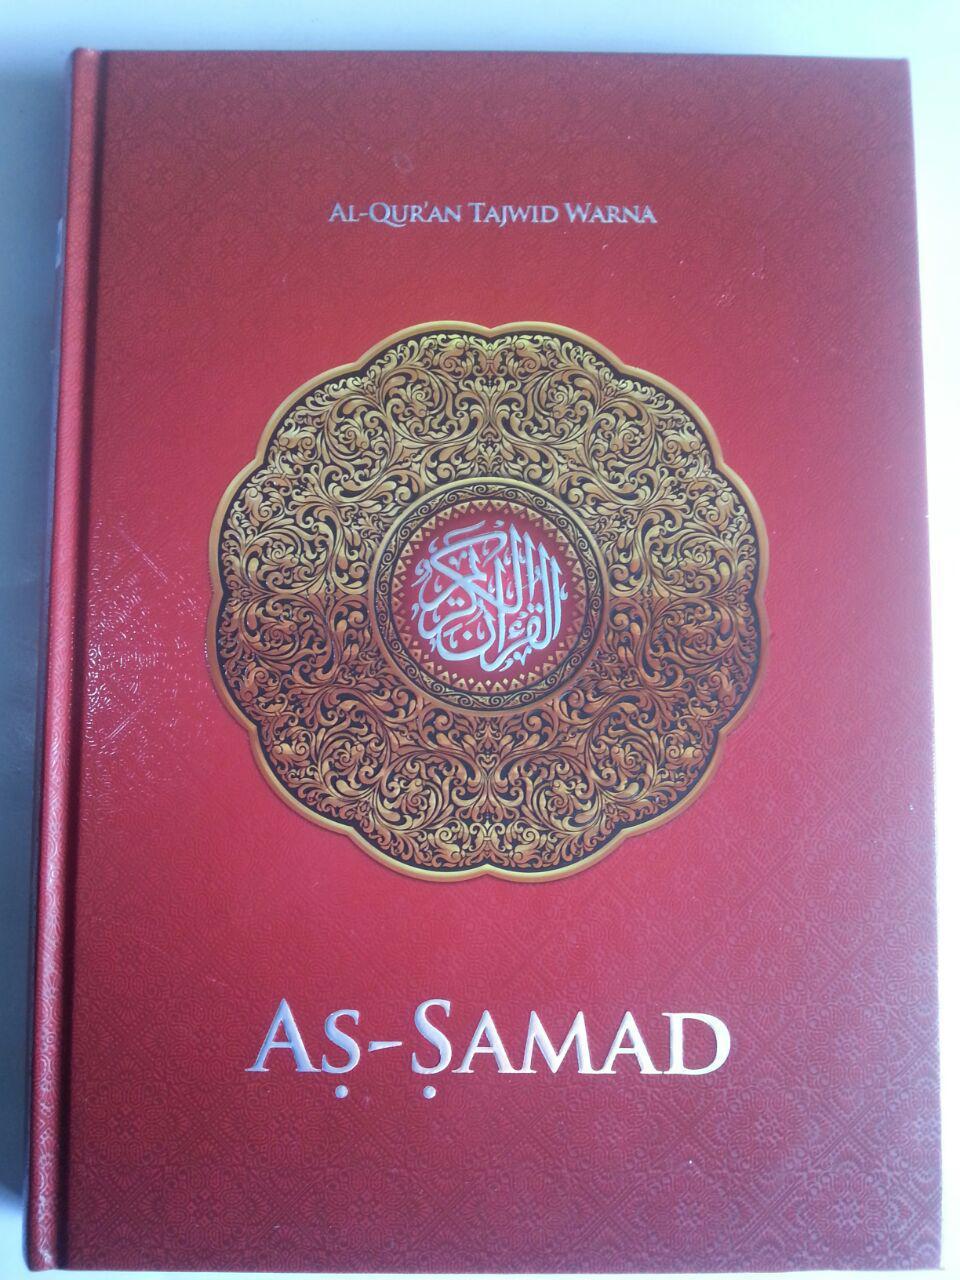 Al-Qur'an Tajwid Warna Tanpa Terjemah As-Samad A4 cover 2